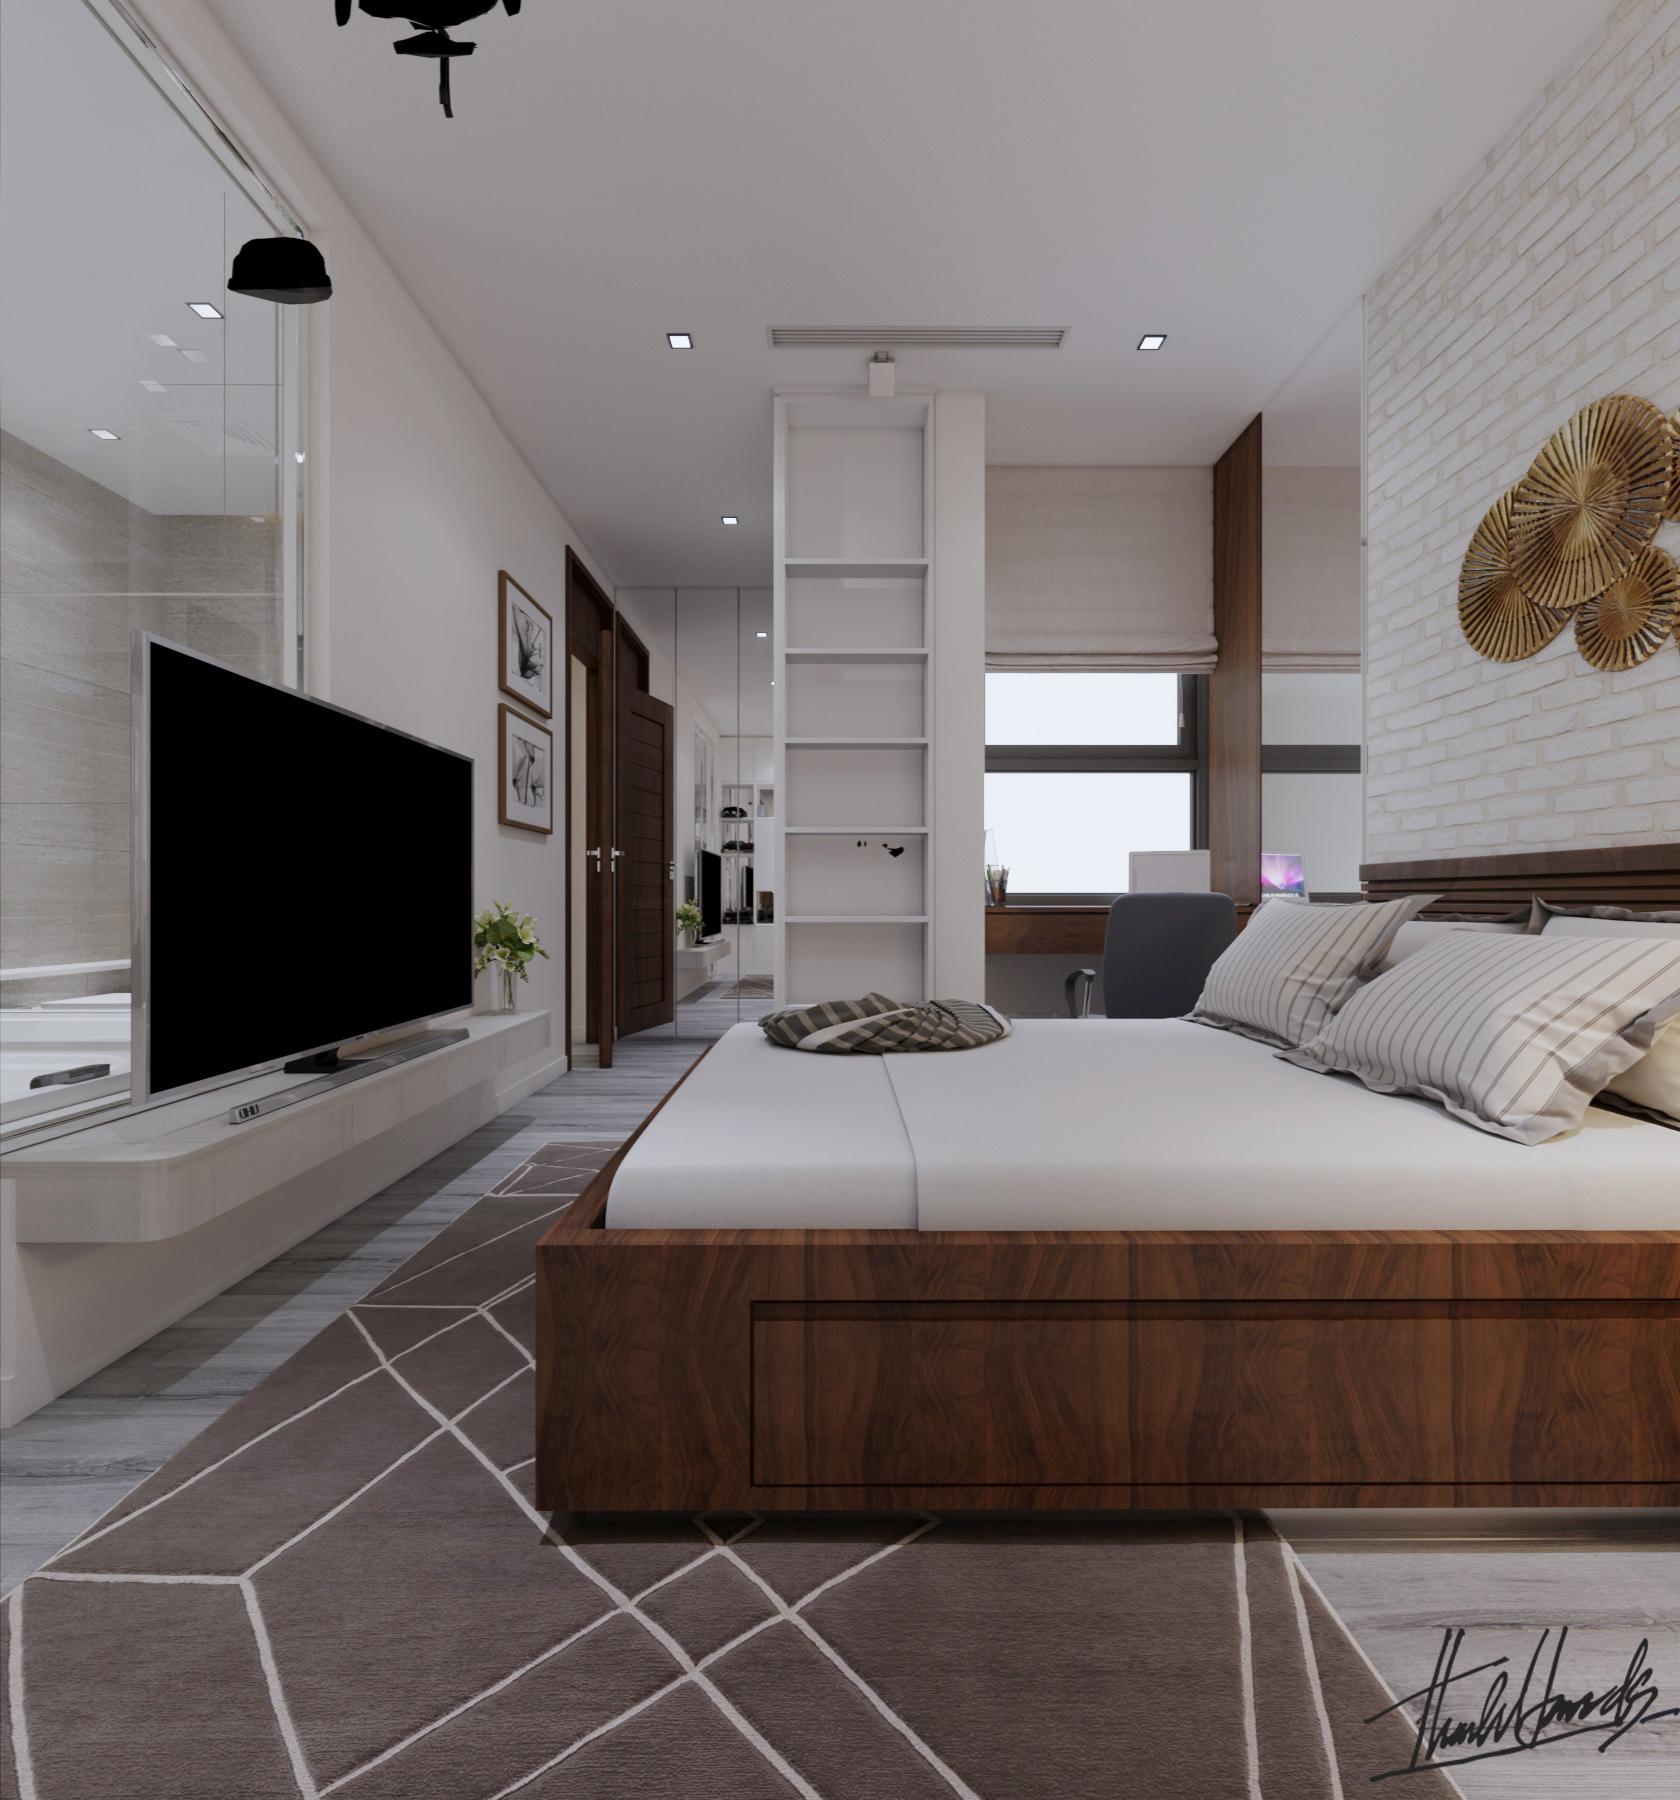 thiết kế Nội thất Chung Cư chung cư - Vin mỹ đình221